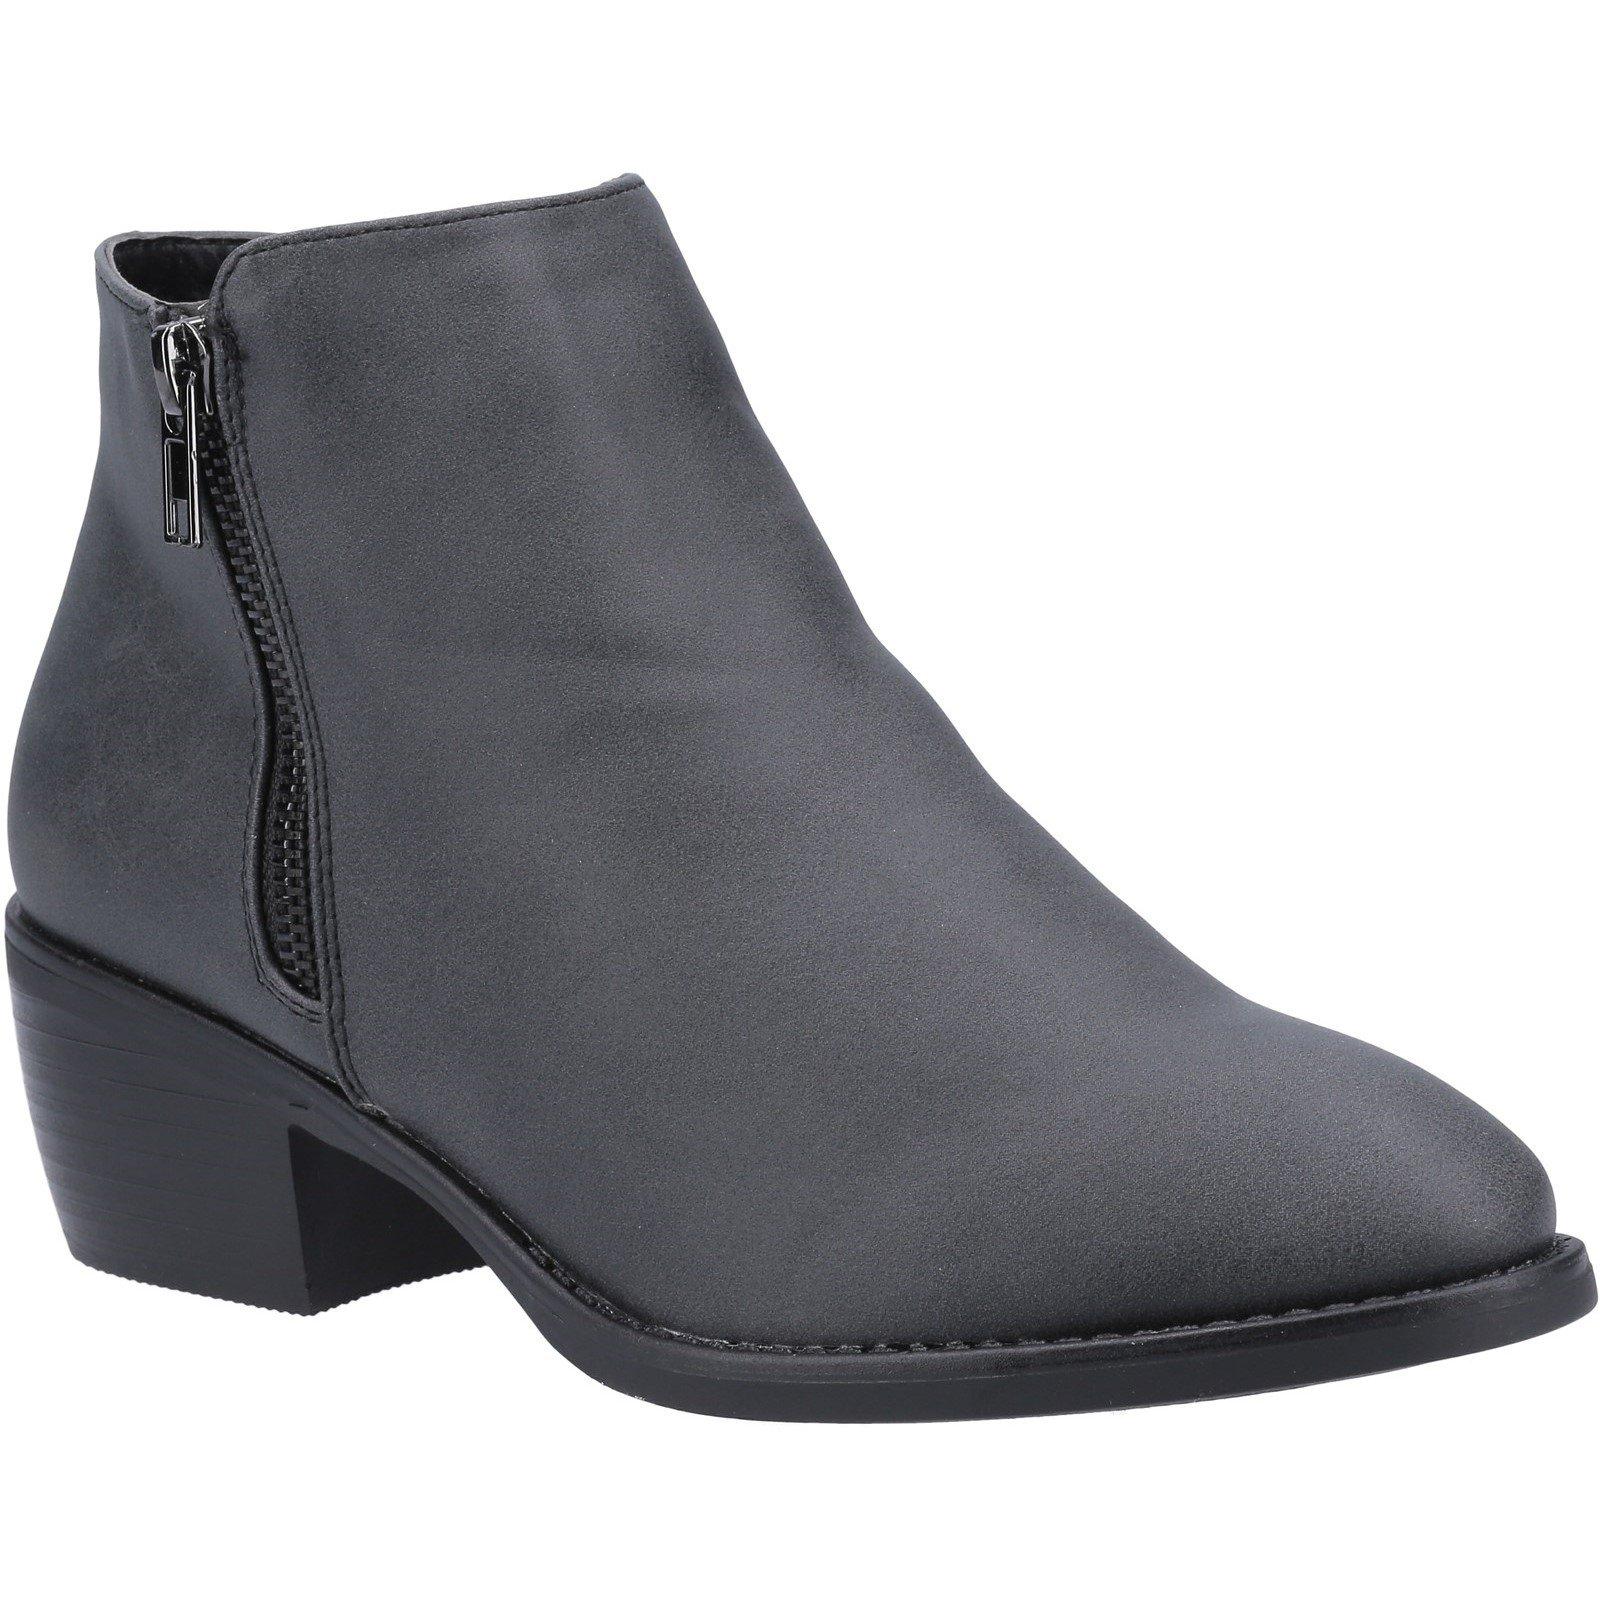 Divaz Women's Ruby Ankle Boot Various Colours 31096 - Black 3